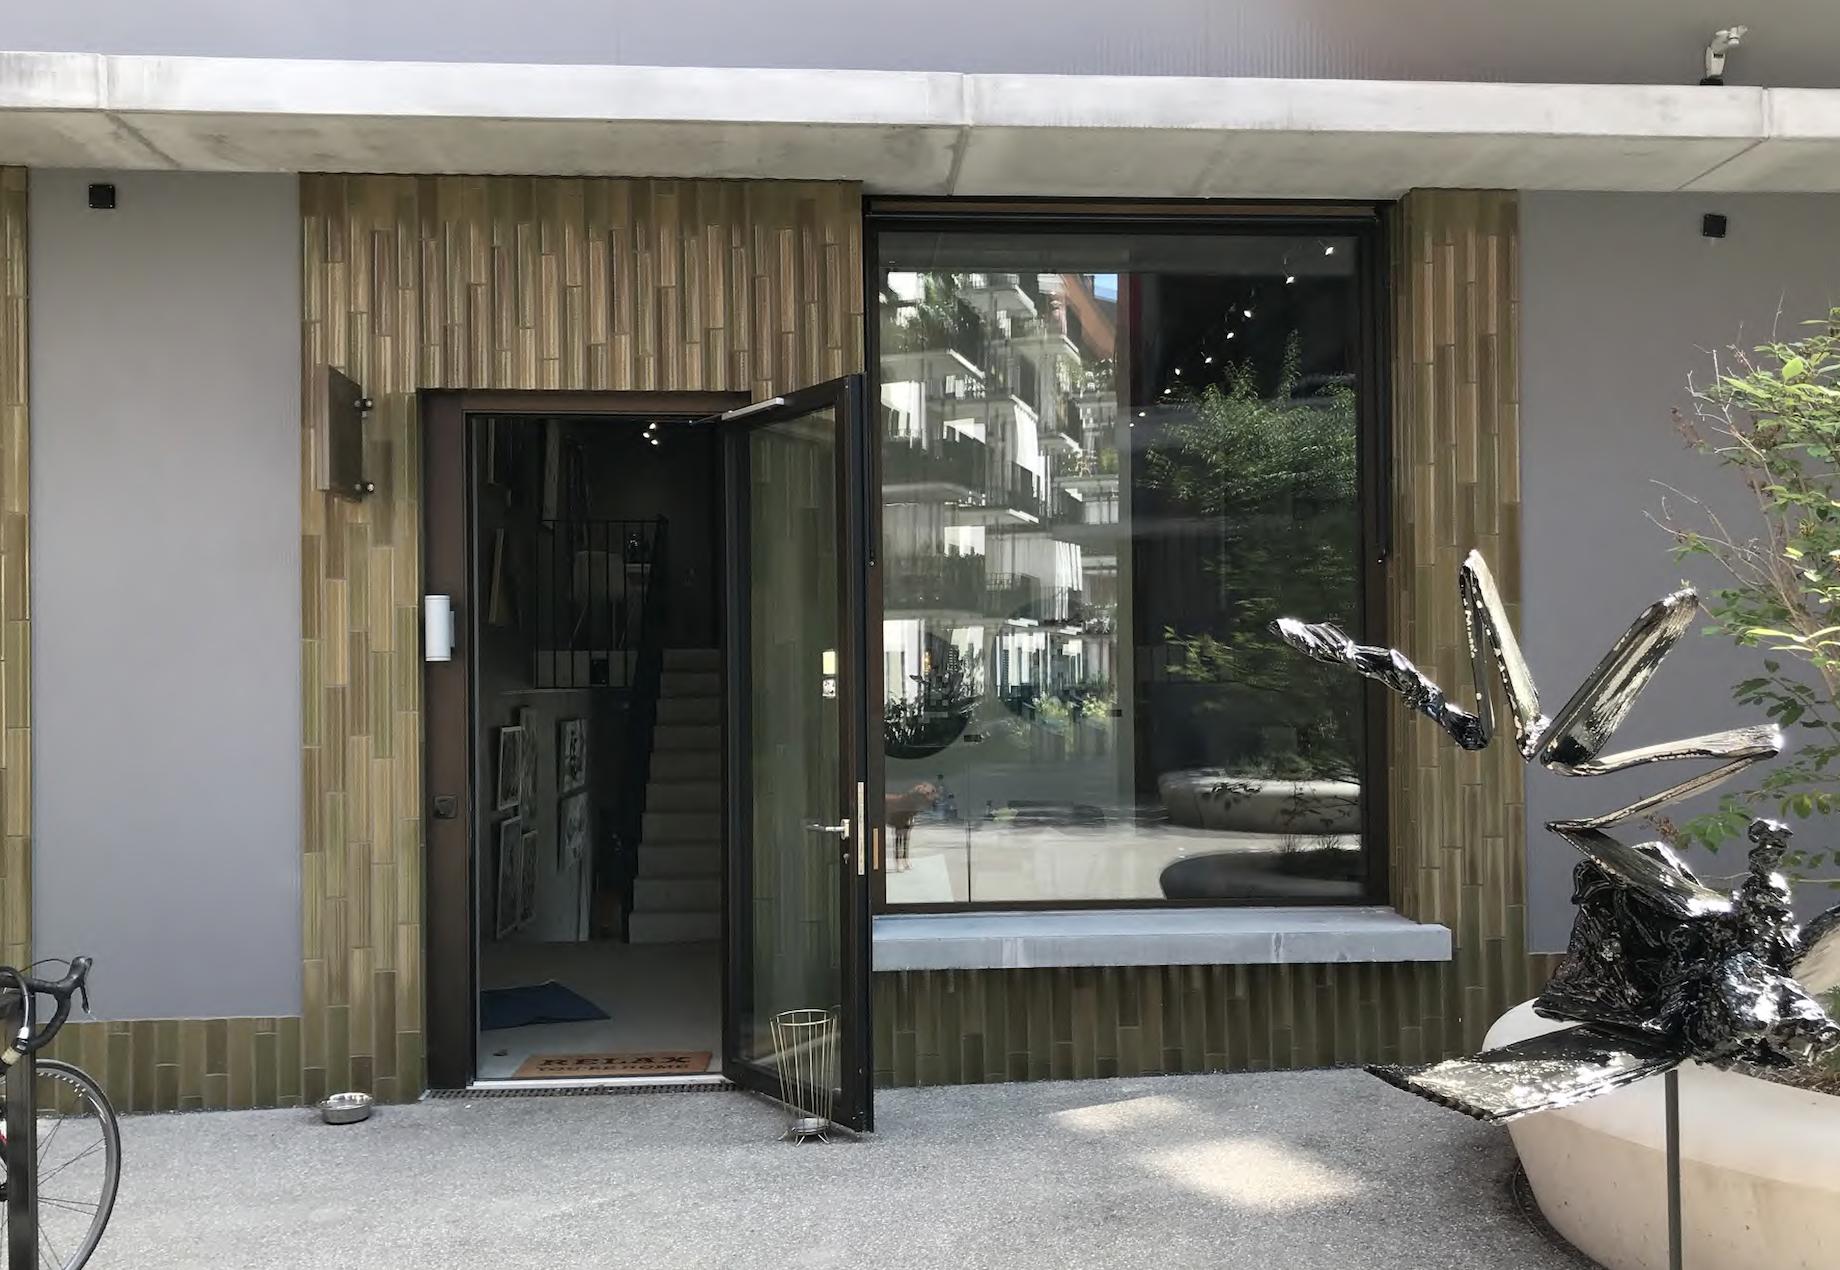 Galerie Pirlot, Zurich